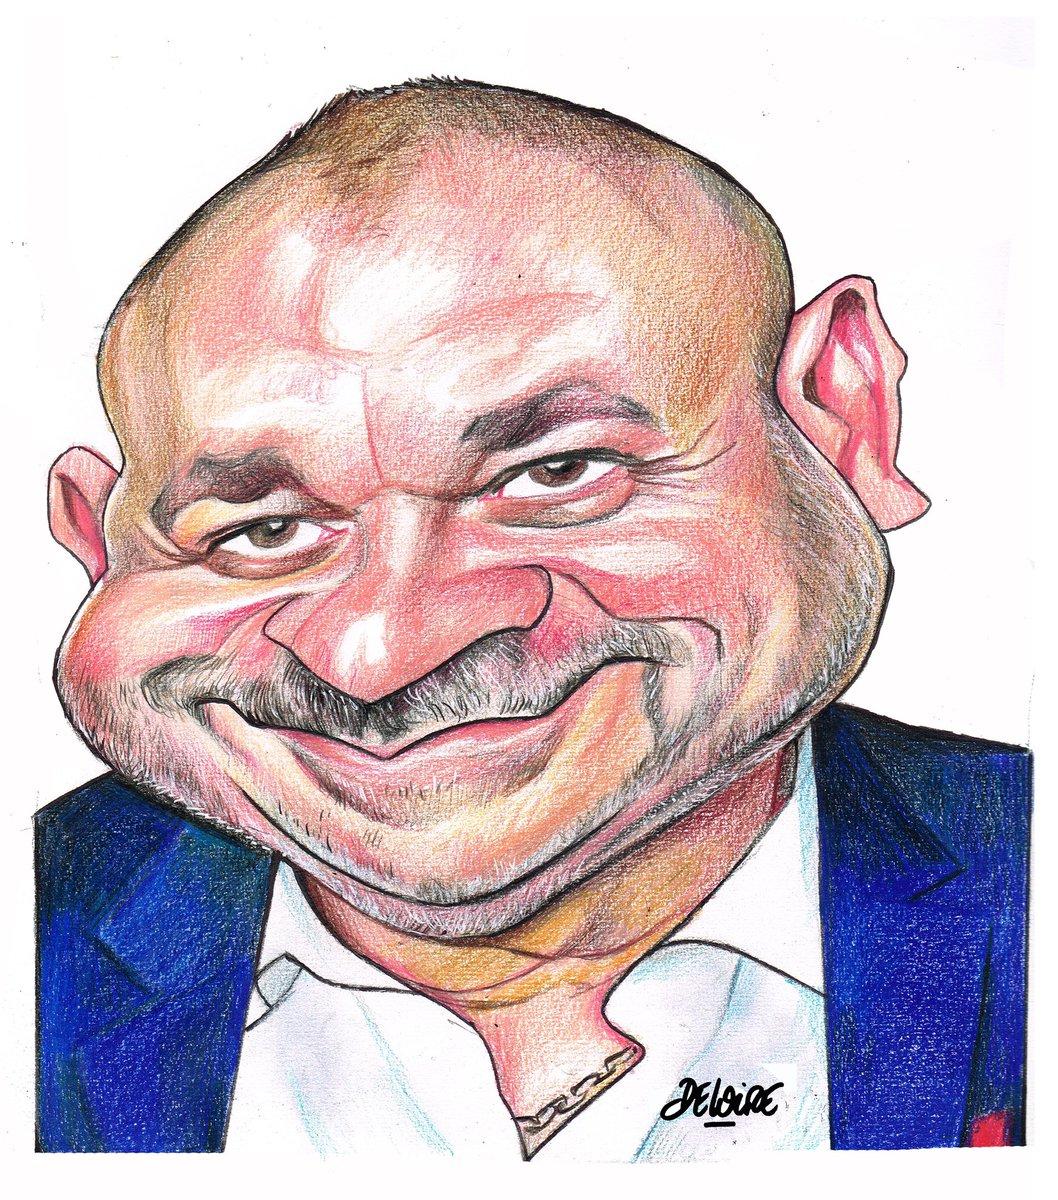 🚨Exceptionnel @fredhermel !!   Laurent Deloire nous gratifie encore d'une superbe caricature  Allez le suivre sur son compte Instagram  https://t.co/8IqqiWkhmb  Qui sera le prochain ?  Je vous mets aussi une des étapes du dessin   ➡️ Follow pour d'autres exclues de l'After Foot https://t.co/BjWVpAsNjb